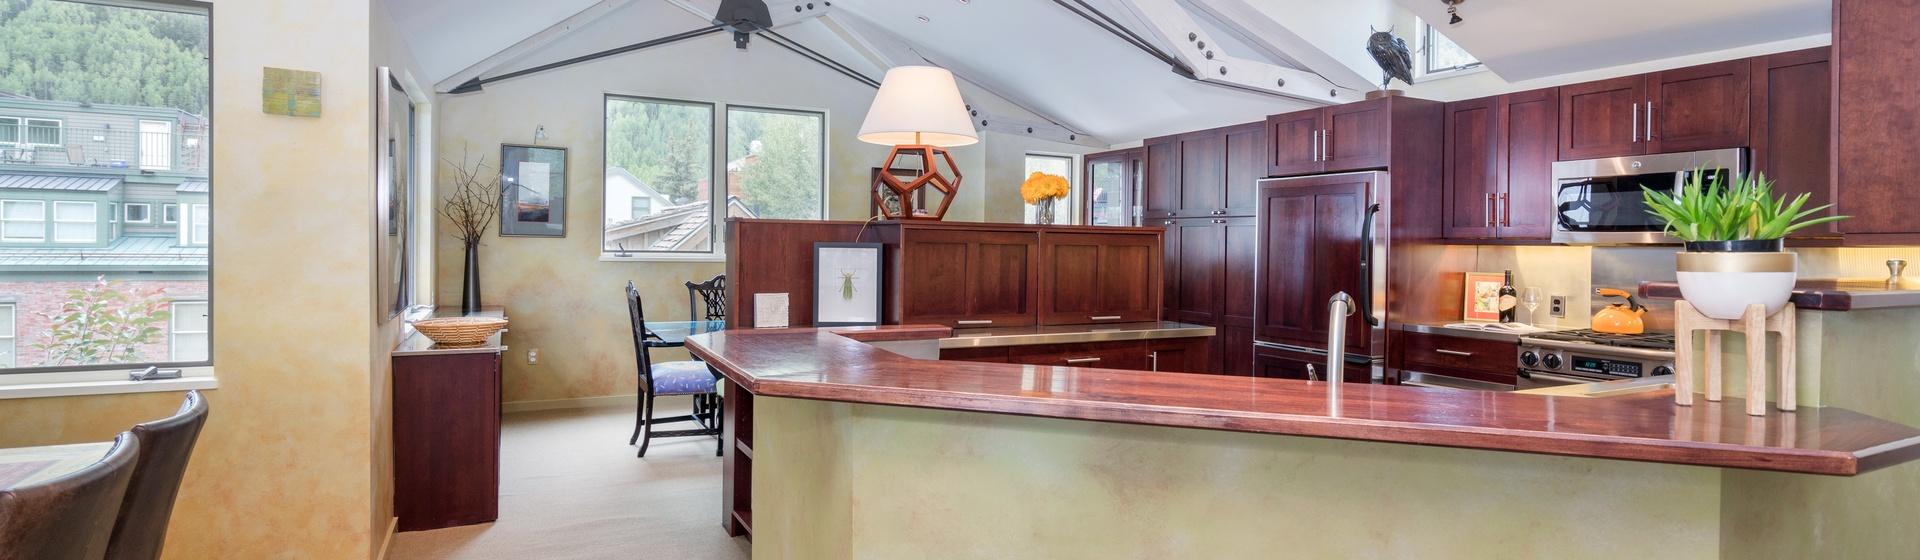 6-Telluride-Ajax-Kitchen-Bar-Web.jpg